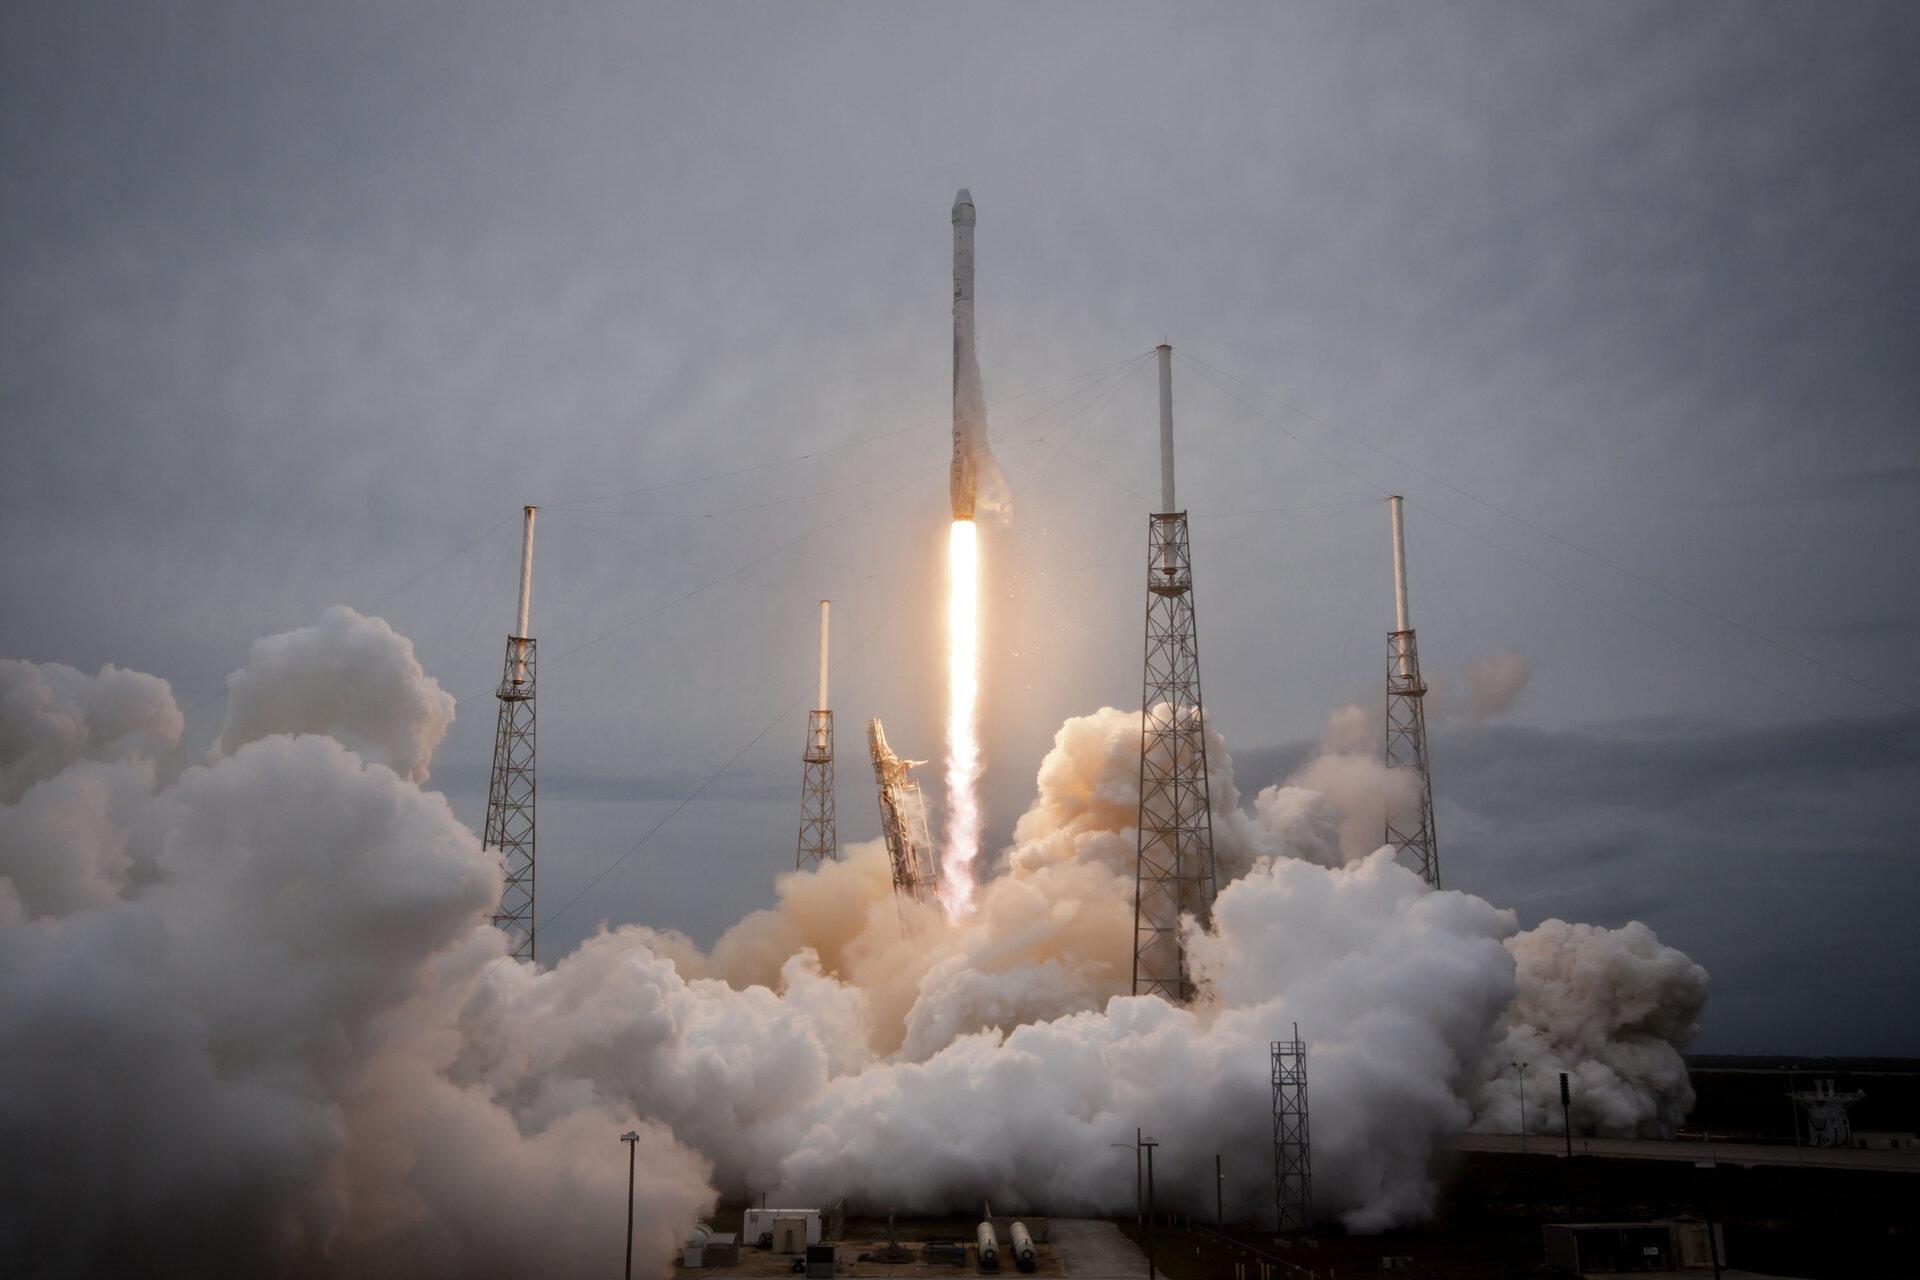 Esa Dragon Launch